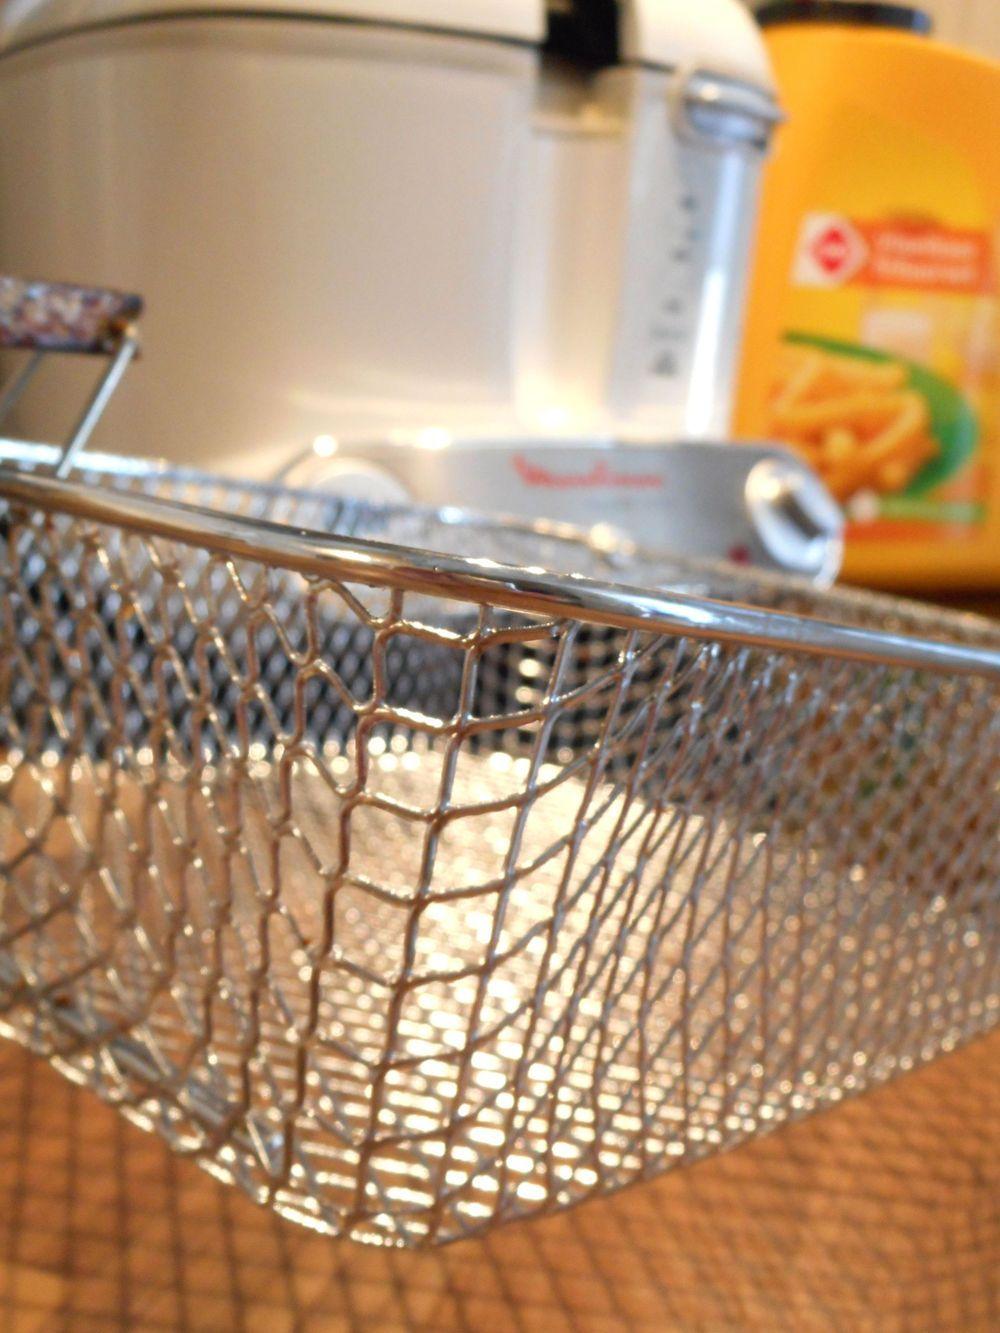 de frituurpan schoonmaken algemene tips tips trucs tips. Black Bedroom Furniture Sets. Home Design Ideas